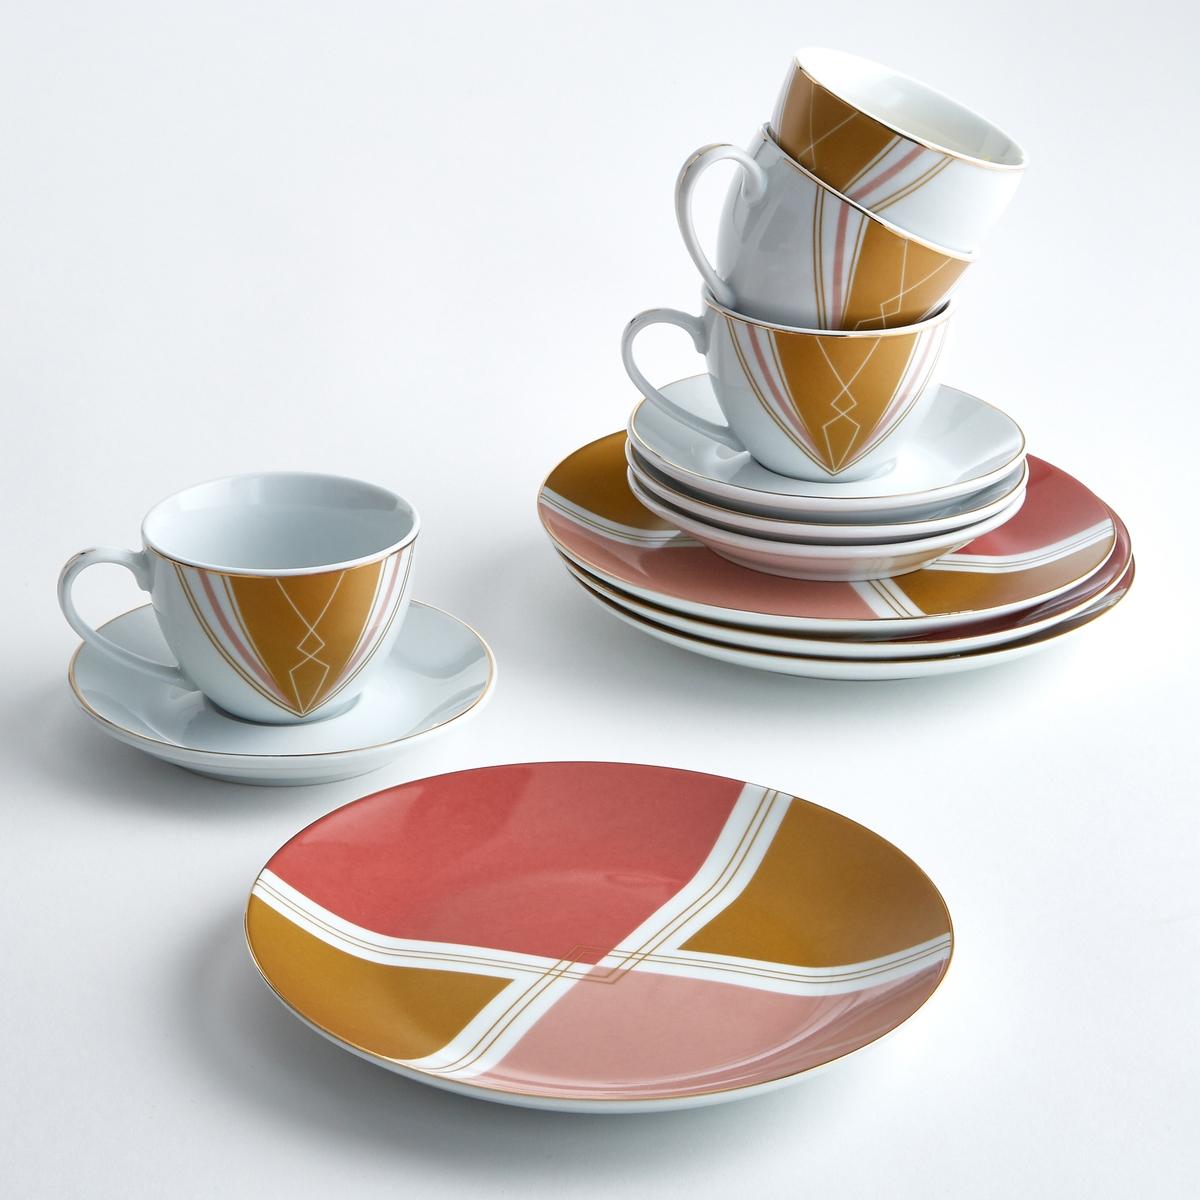 Комплект из 4 десертных тарелок с рисунком, PalatoМелкая тарелка Palato с геометрическим рисунком контрастных цветов, одновременно в современном стиле и стиле ретро.Характеристики 4 десертных тарелок с рисунком Palato :Фарфор.С рисунком.Кайма золотистого цвета.Размеры 4 десертных тарелок с рисунком Palato :Диаметр. 20,5 см.Другие тарелки и предметы декора стола вы можете найти на сайте laredoute.ru<br><br>Цвет: набивной рисунок